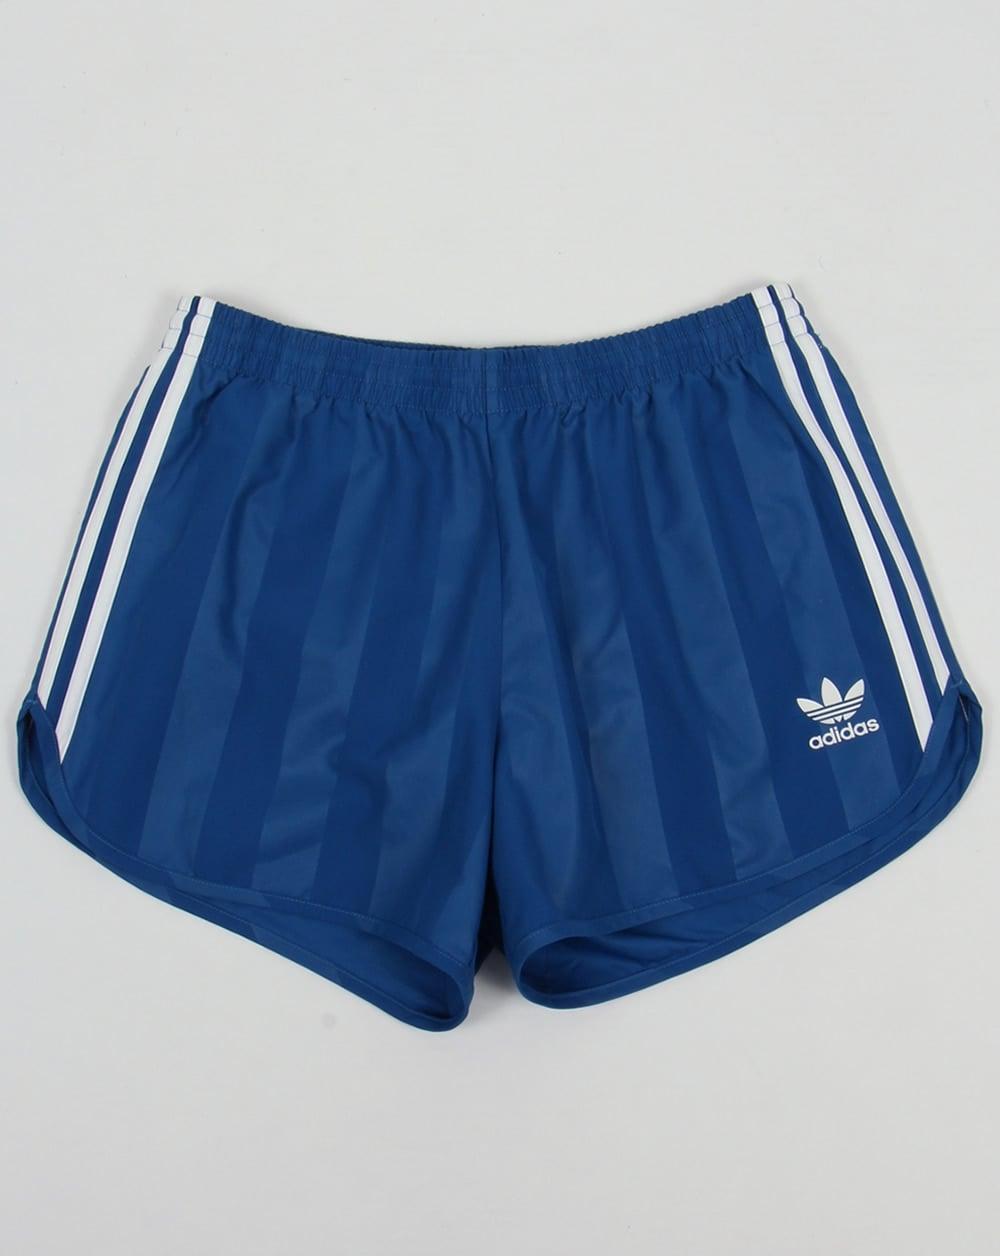 adidas 80's shorts